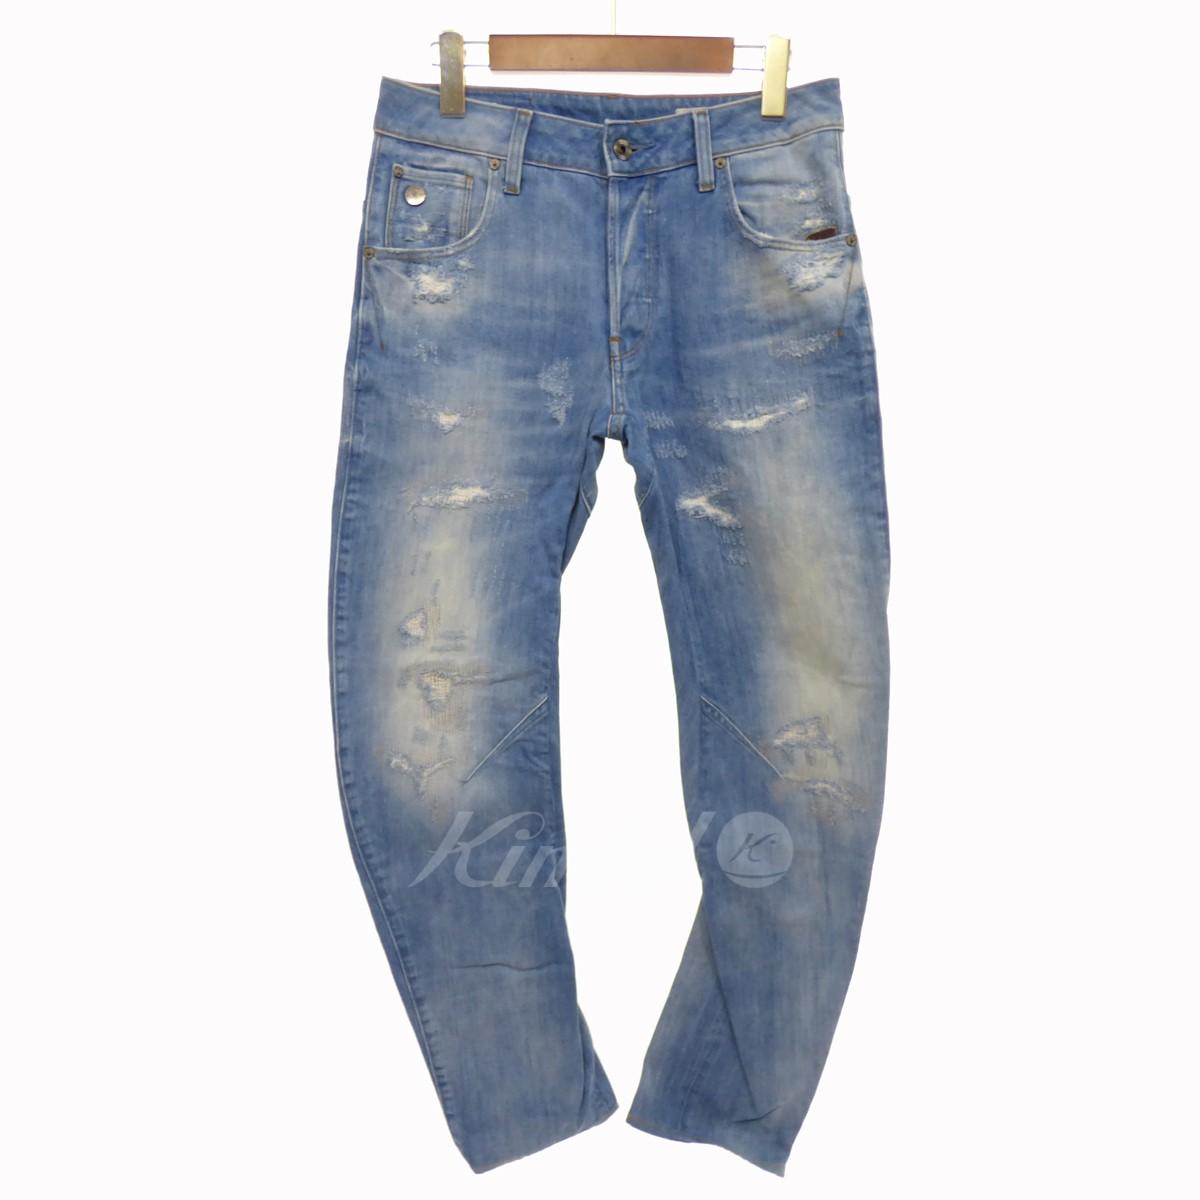 【中古】G-STAR RAW Arc 3D Slim Jeans インディゴ サイズ:27/32 【080318】(ジースター・ロウ)